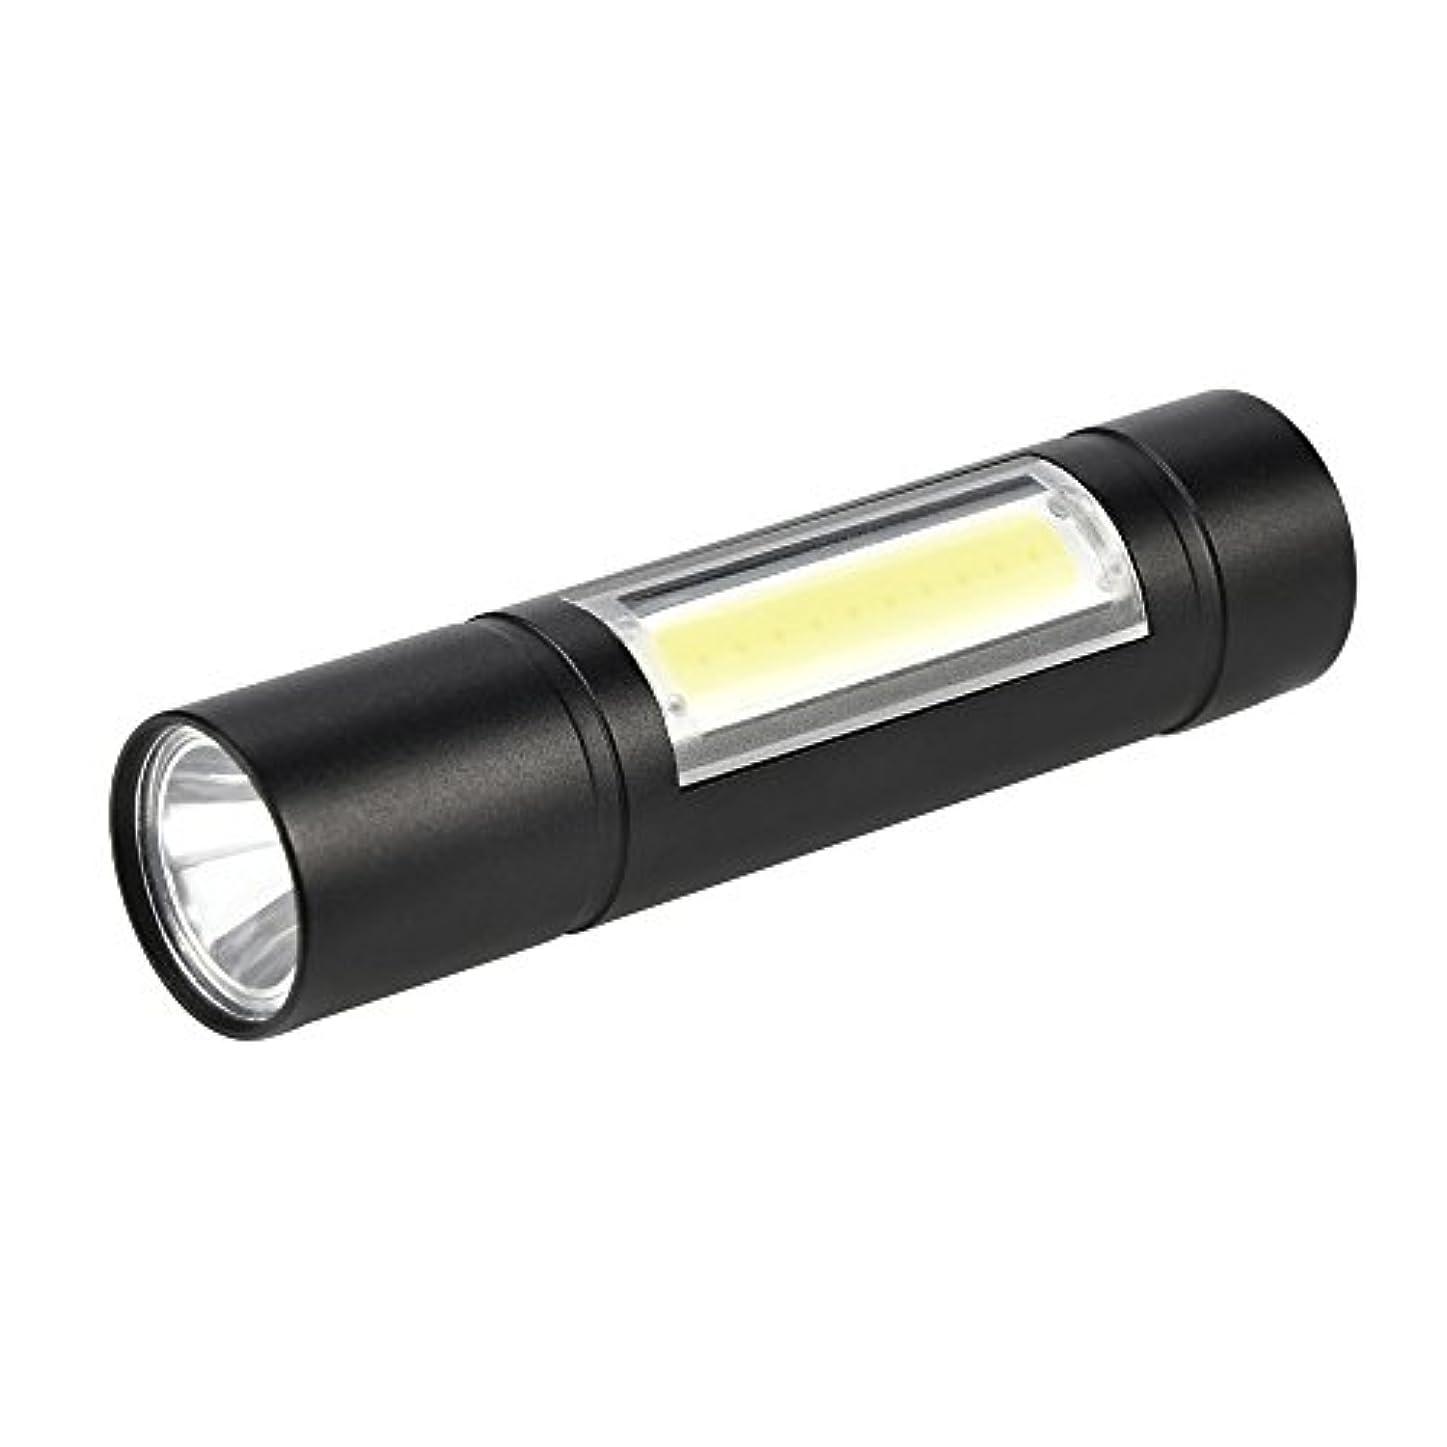 診療所代表して恒久的懐中電灯 ライト LED Fortan 防水 戦術 三つモデル 18650 防災 自転車 キャンプ 停電 防災セット 安い 超強力 ミニ 携帯しやすい USB充電式 18650電池付き